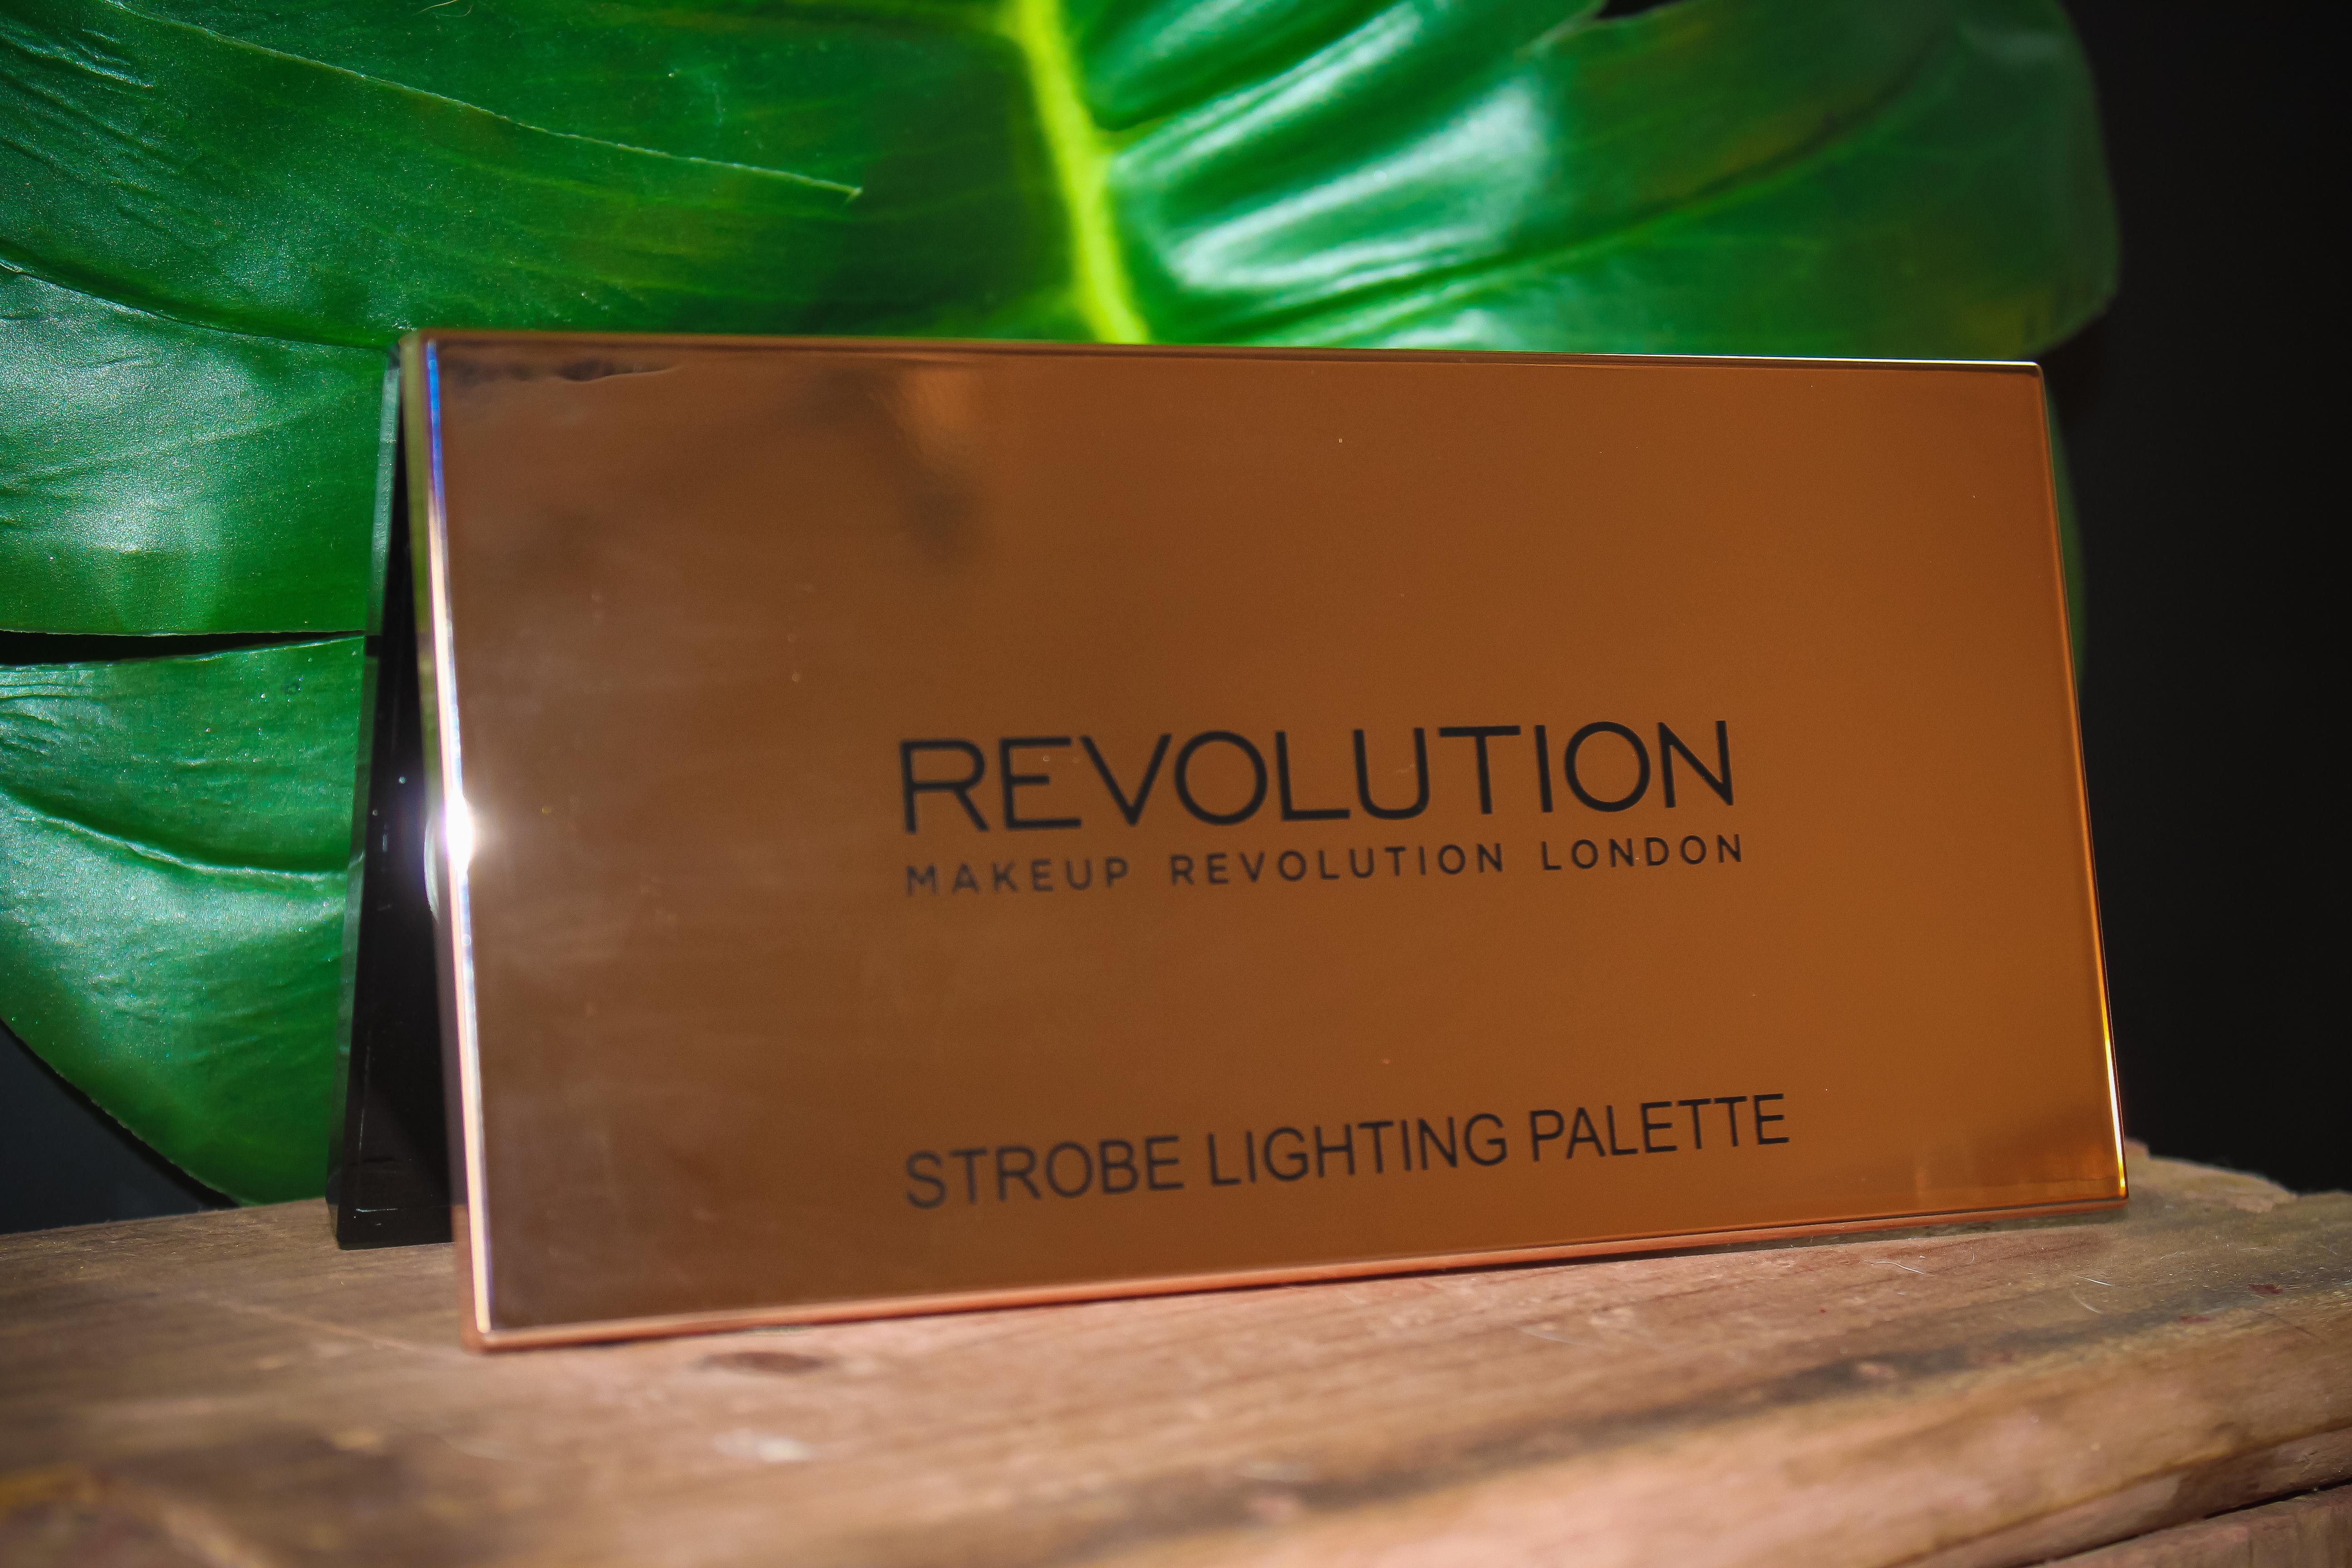 Makeup Revolution Strobe Lighting Palette.jpg